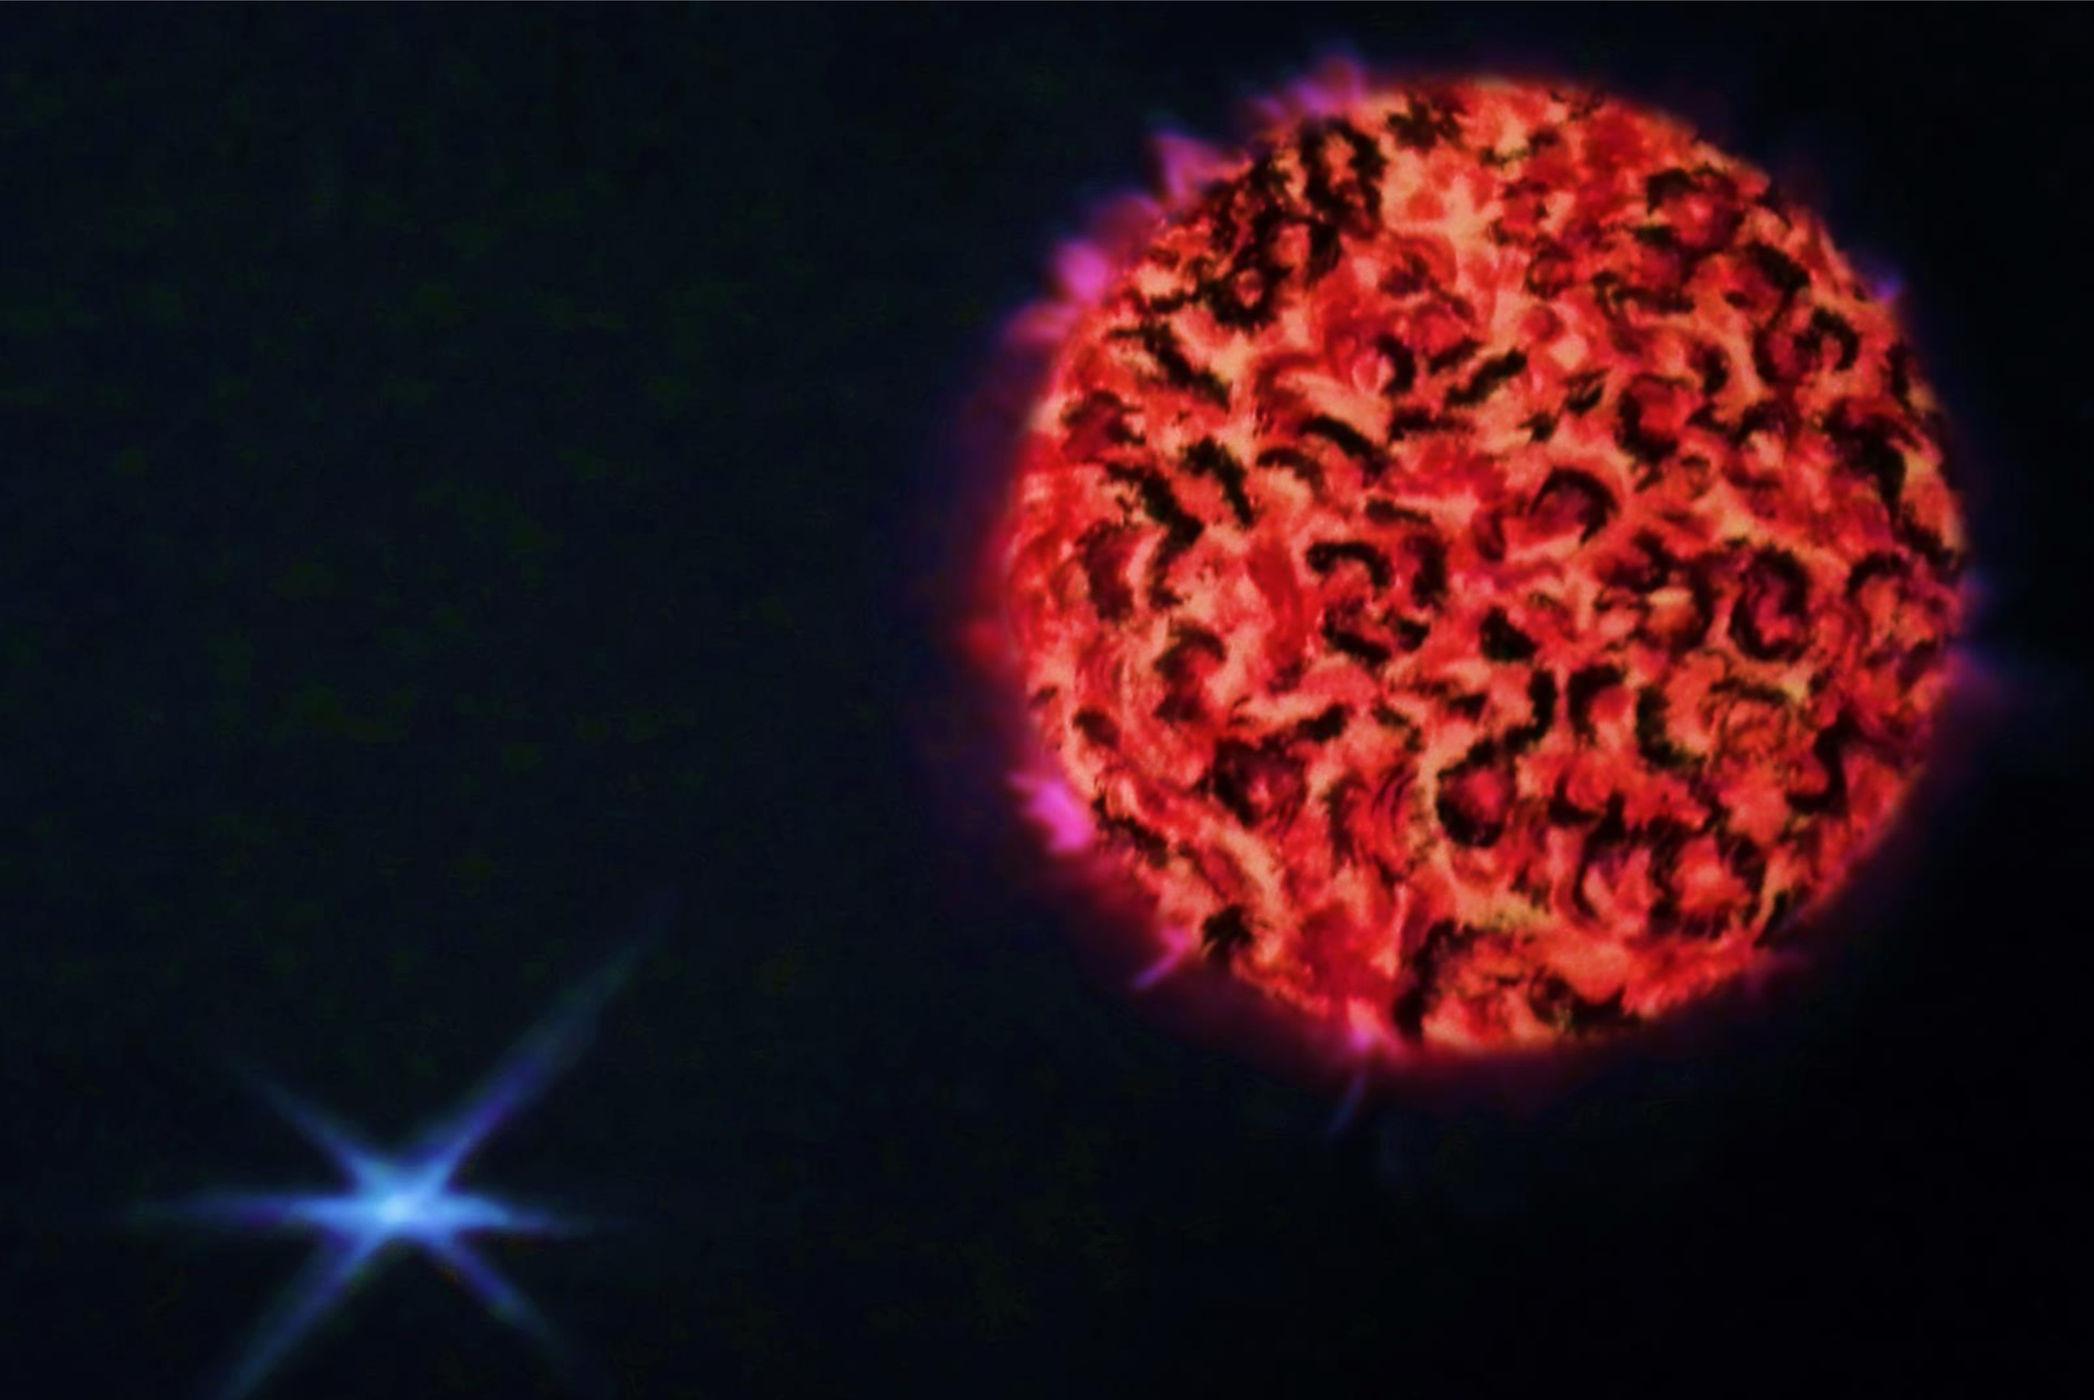 StellarConvection1